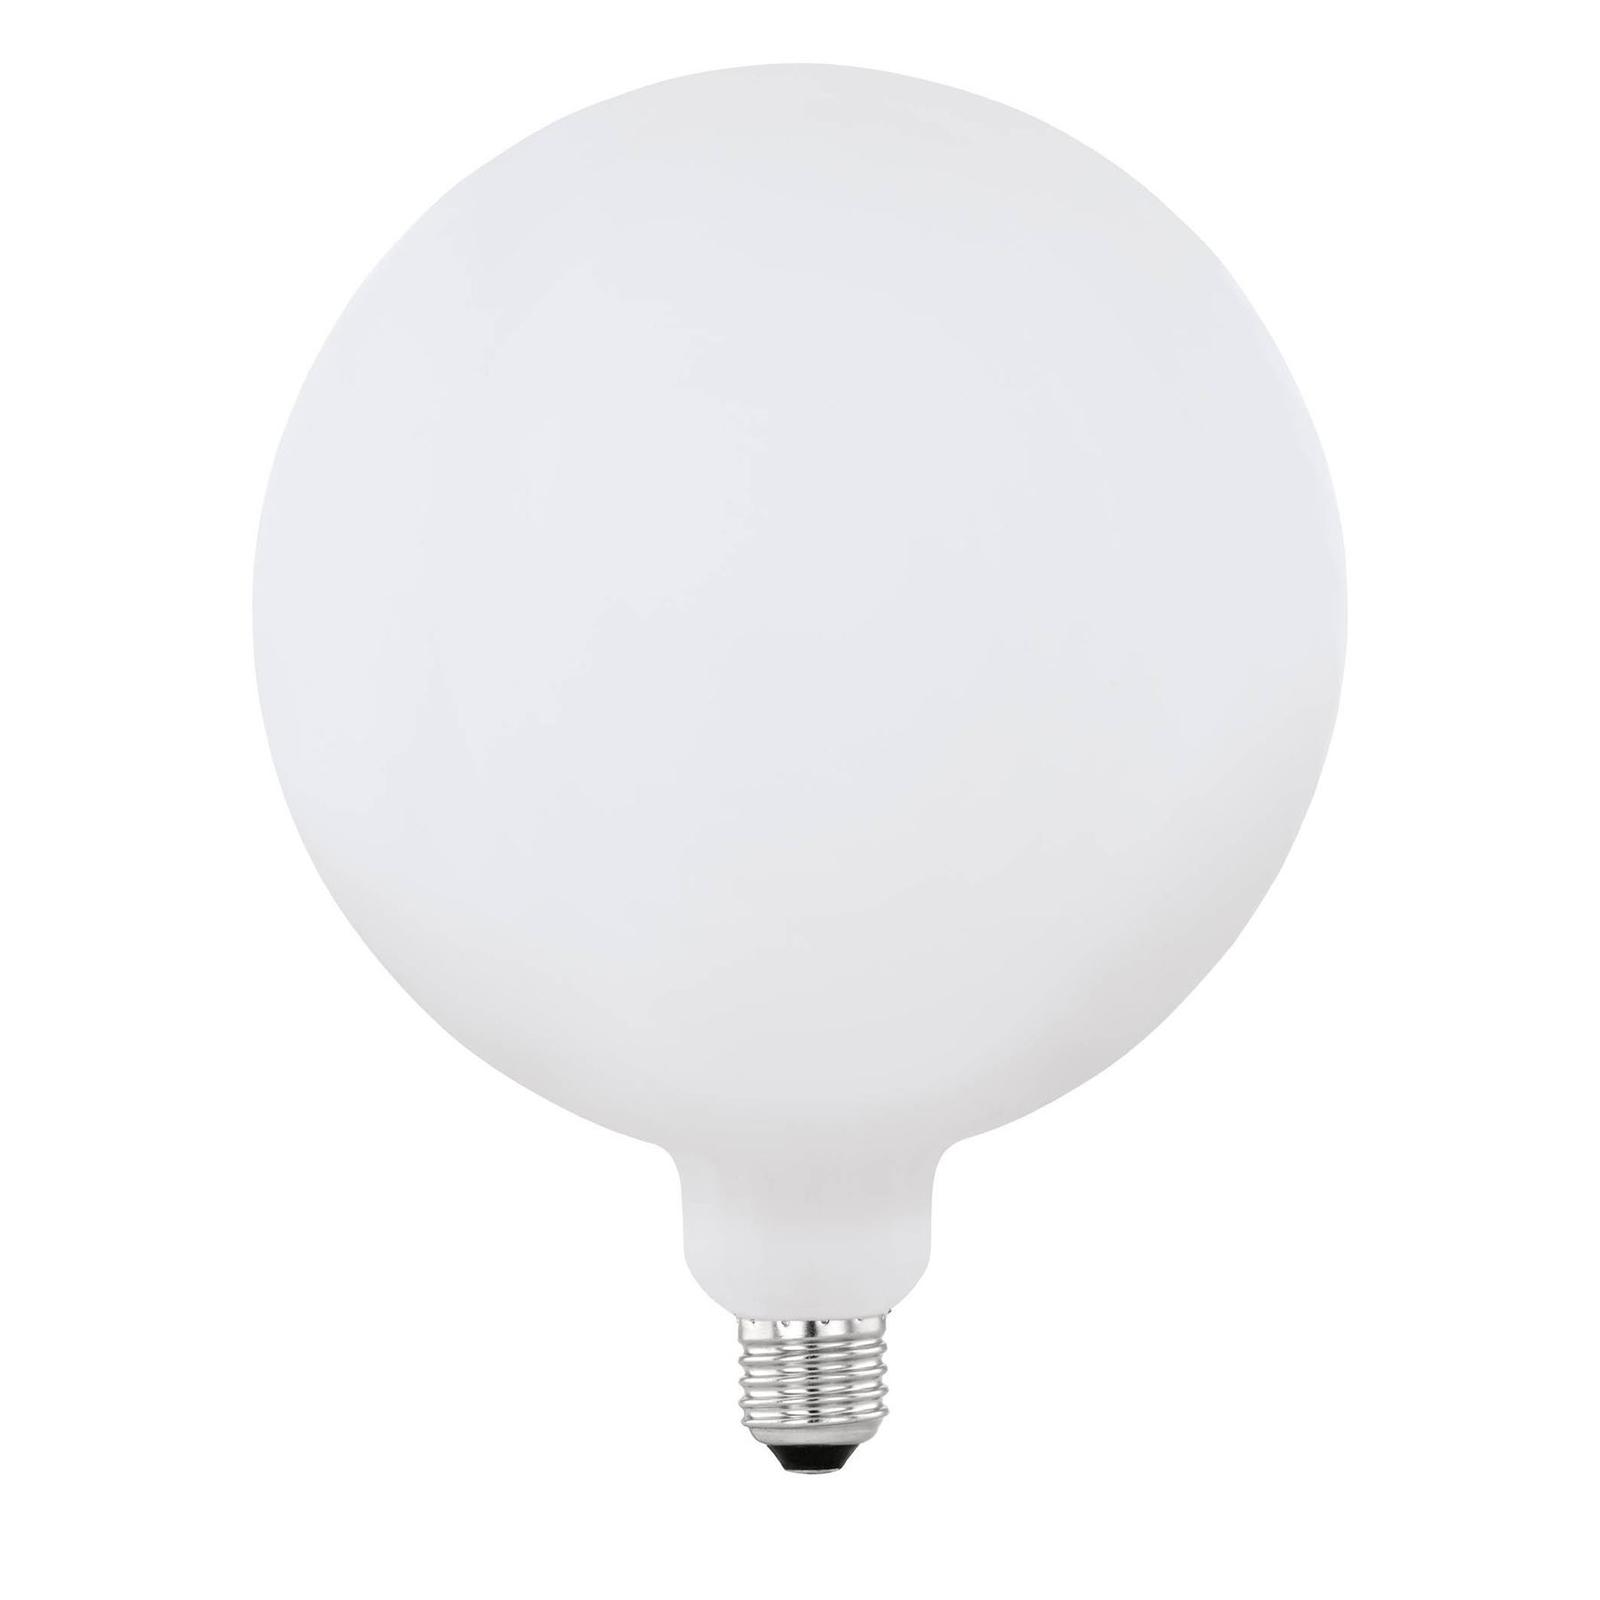 Żarówka LED E27 4W Big Size opalowa kształt kuli